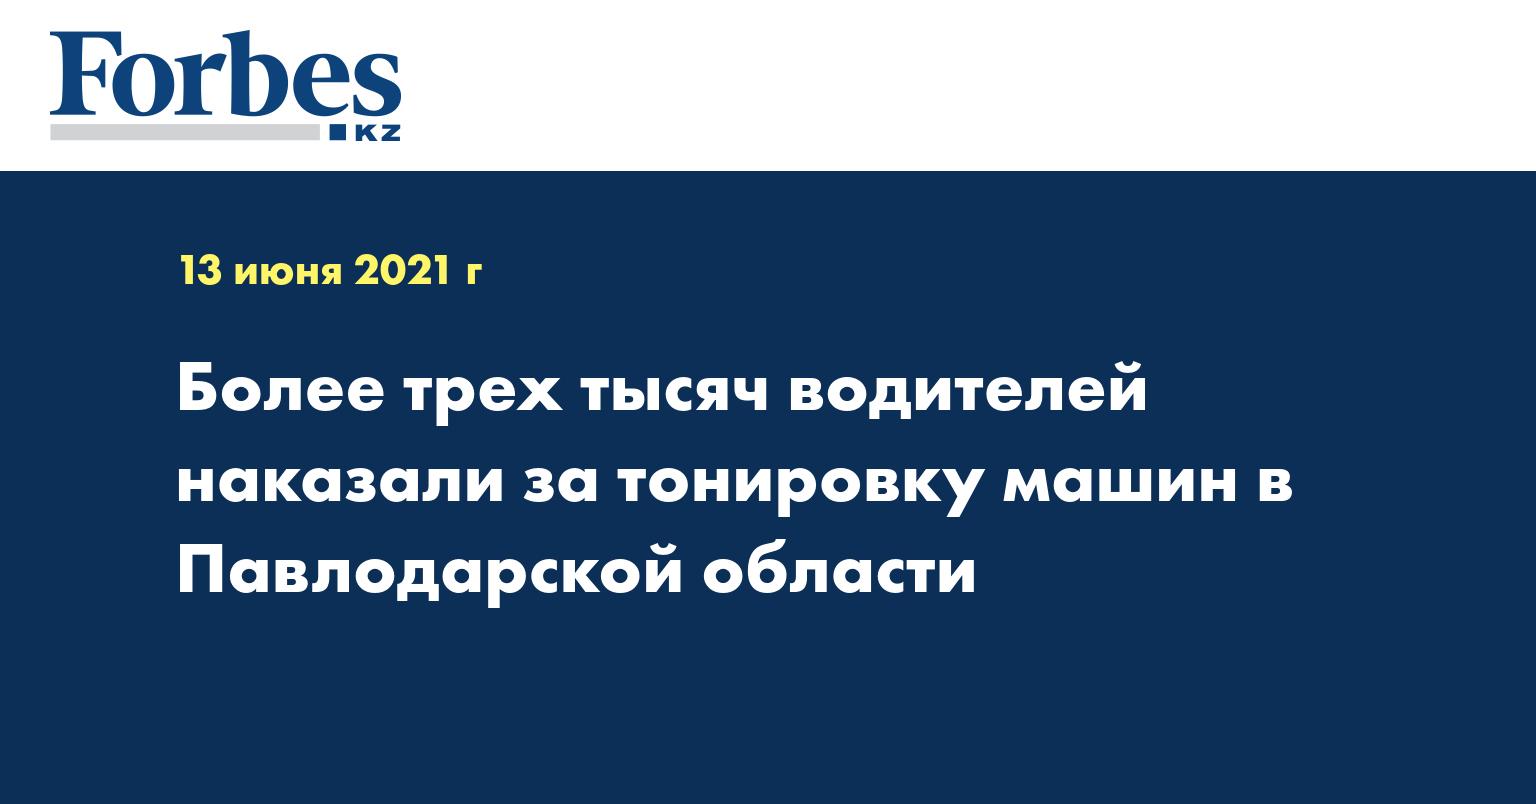 Более трех тысяч водителей наказали за тонировку машин в Павлодарской области